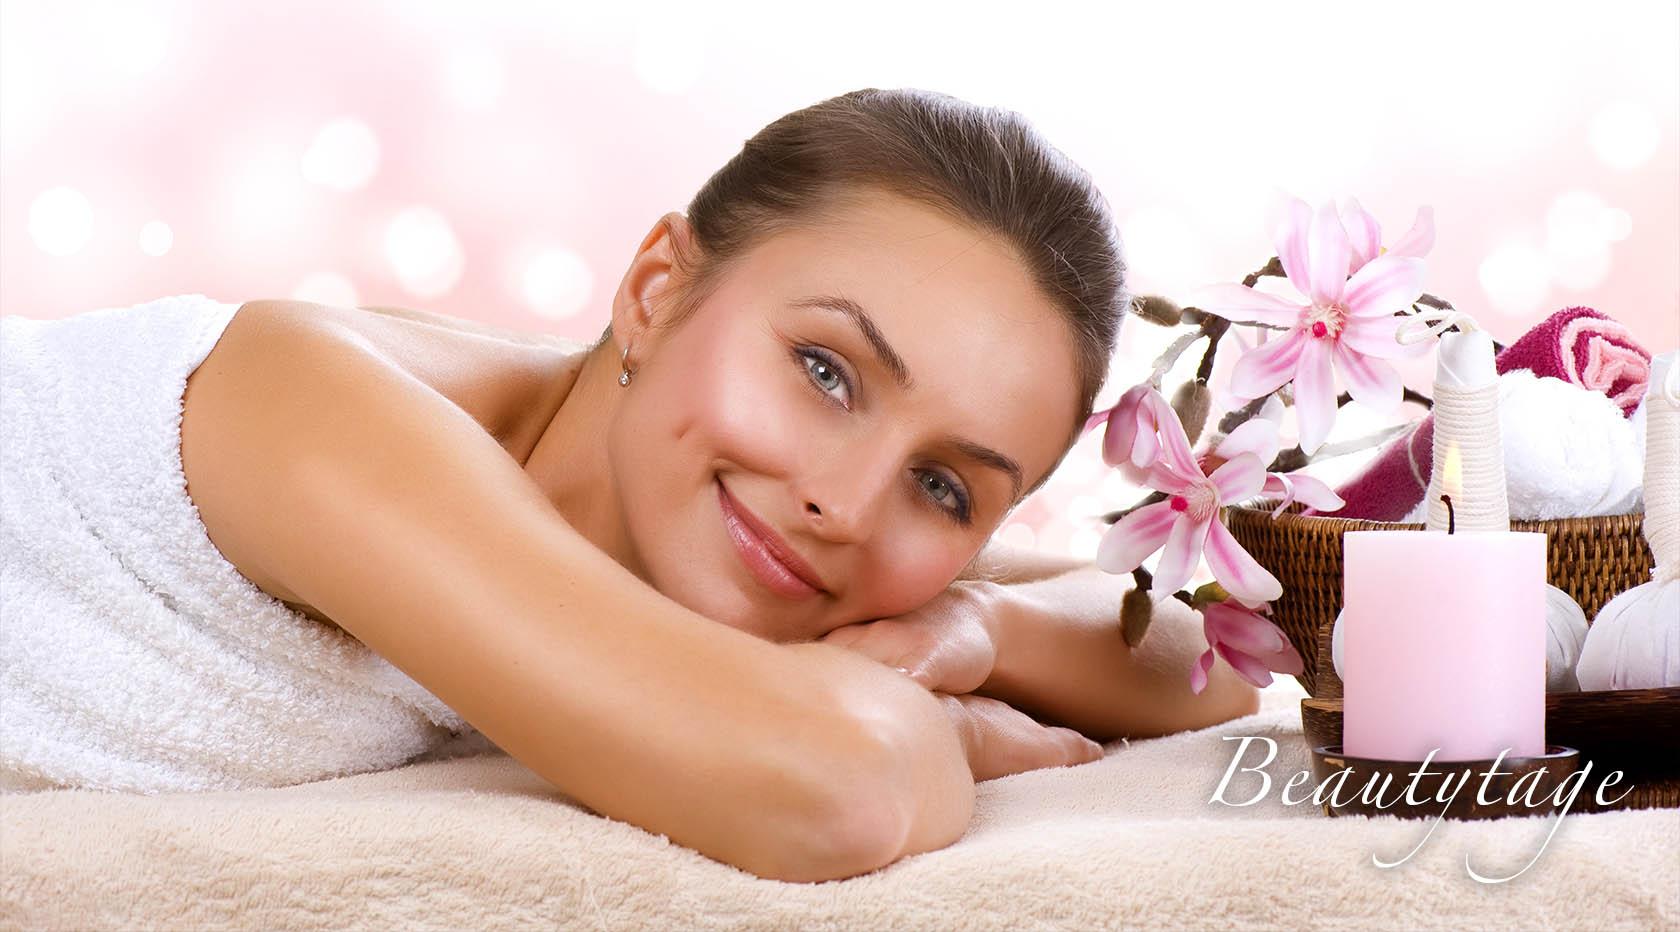 Beautytage - Wellness und Beauty mit der Freundin - Hotel Via Salina